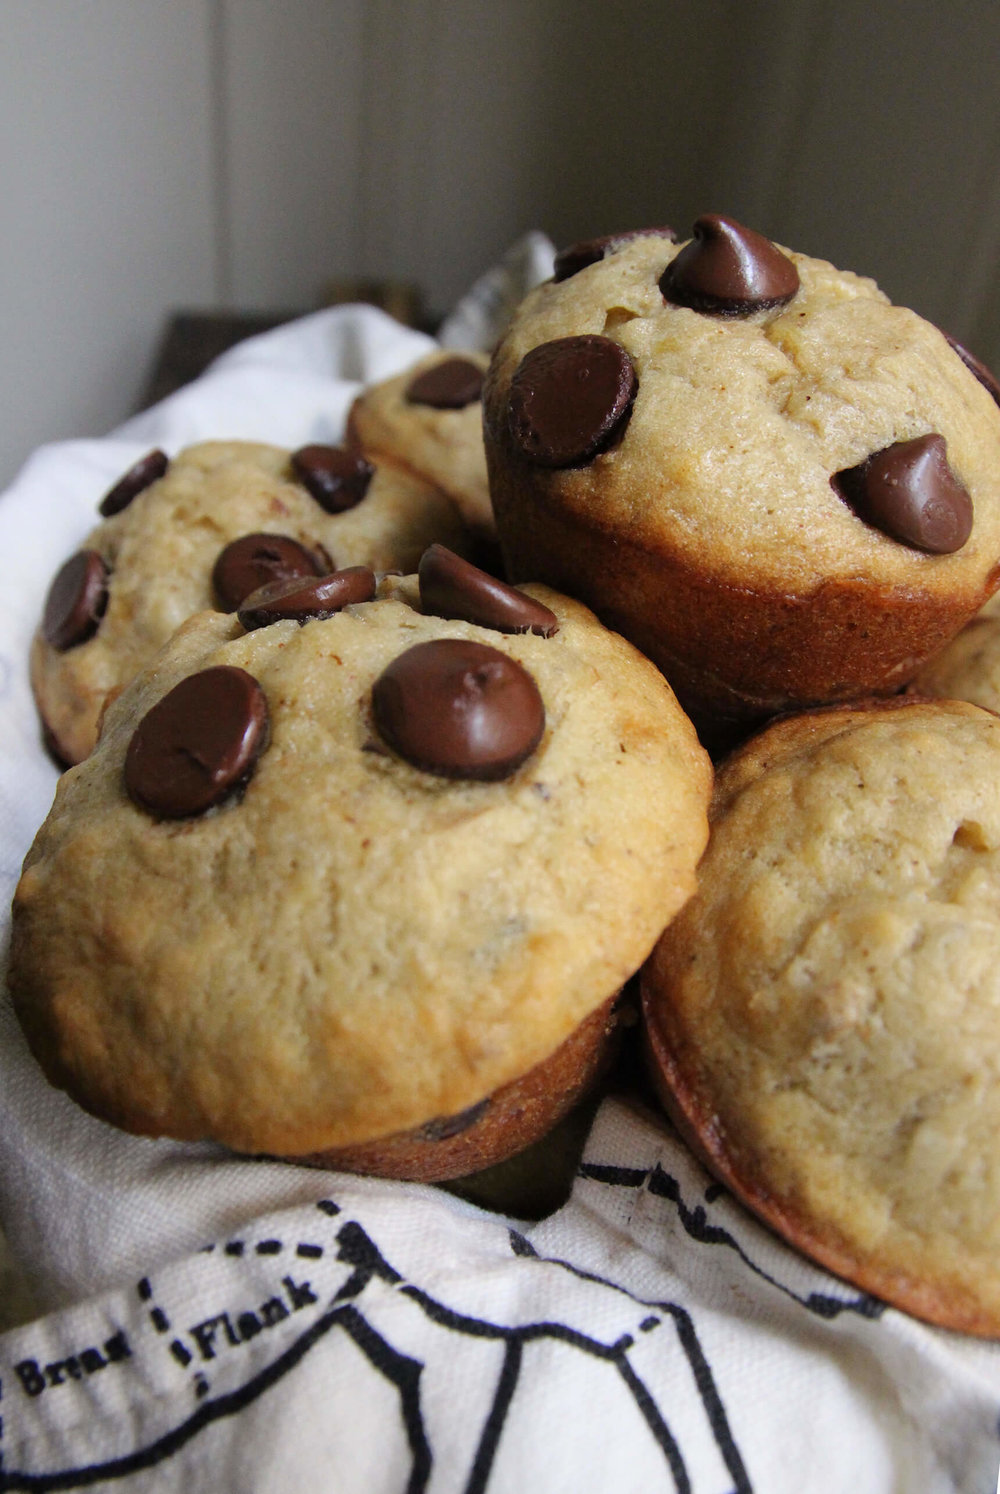 Chocolate Chip Walnut Banana Muffins